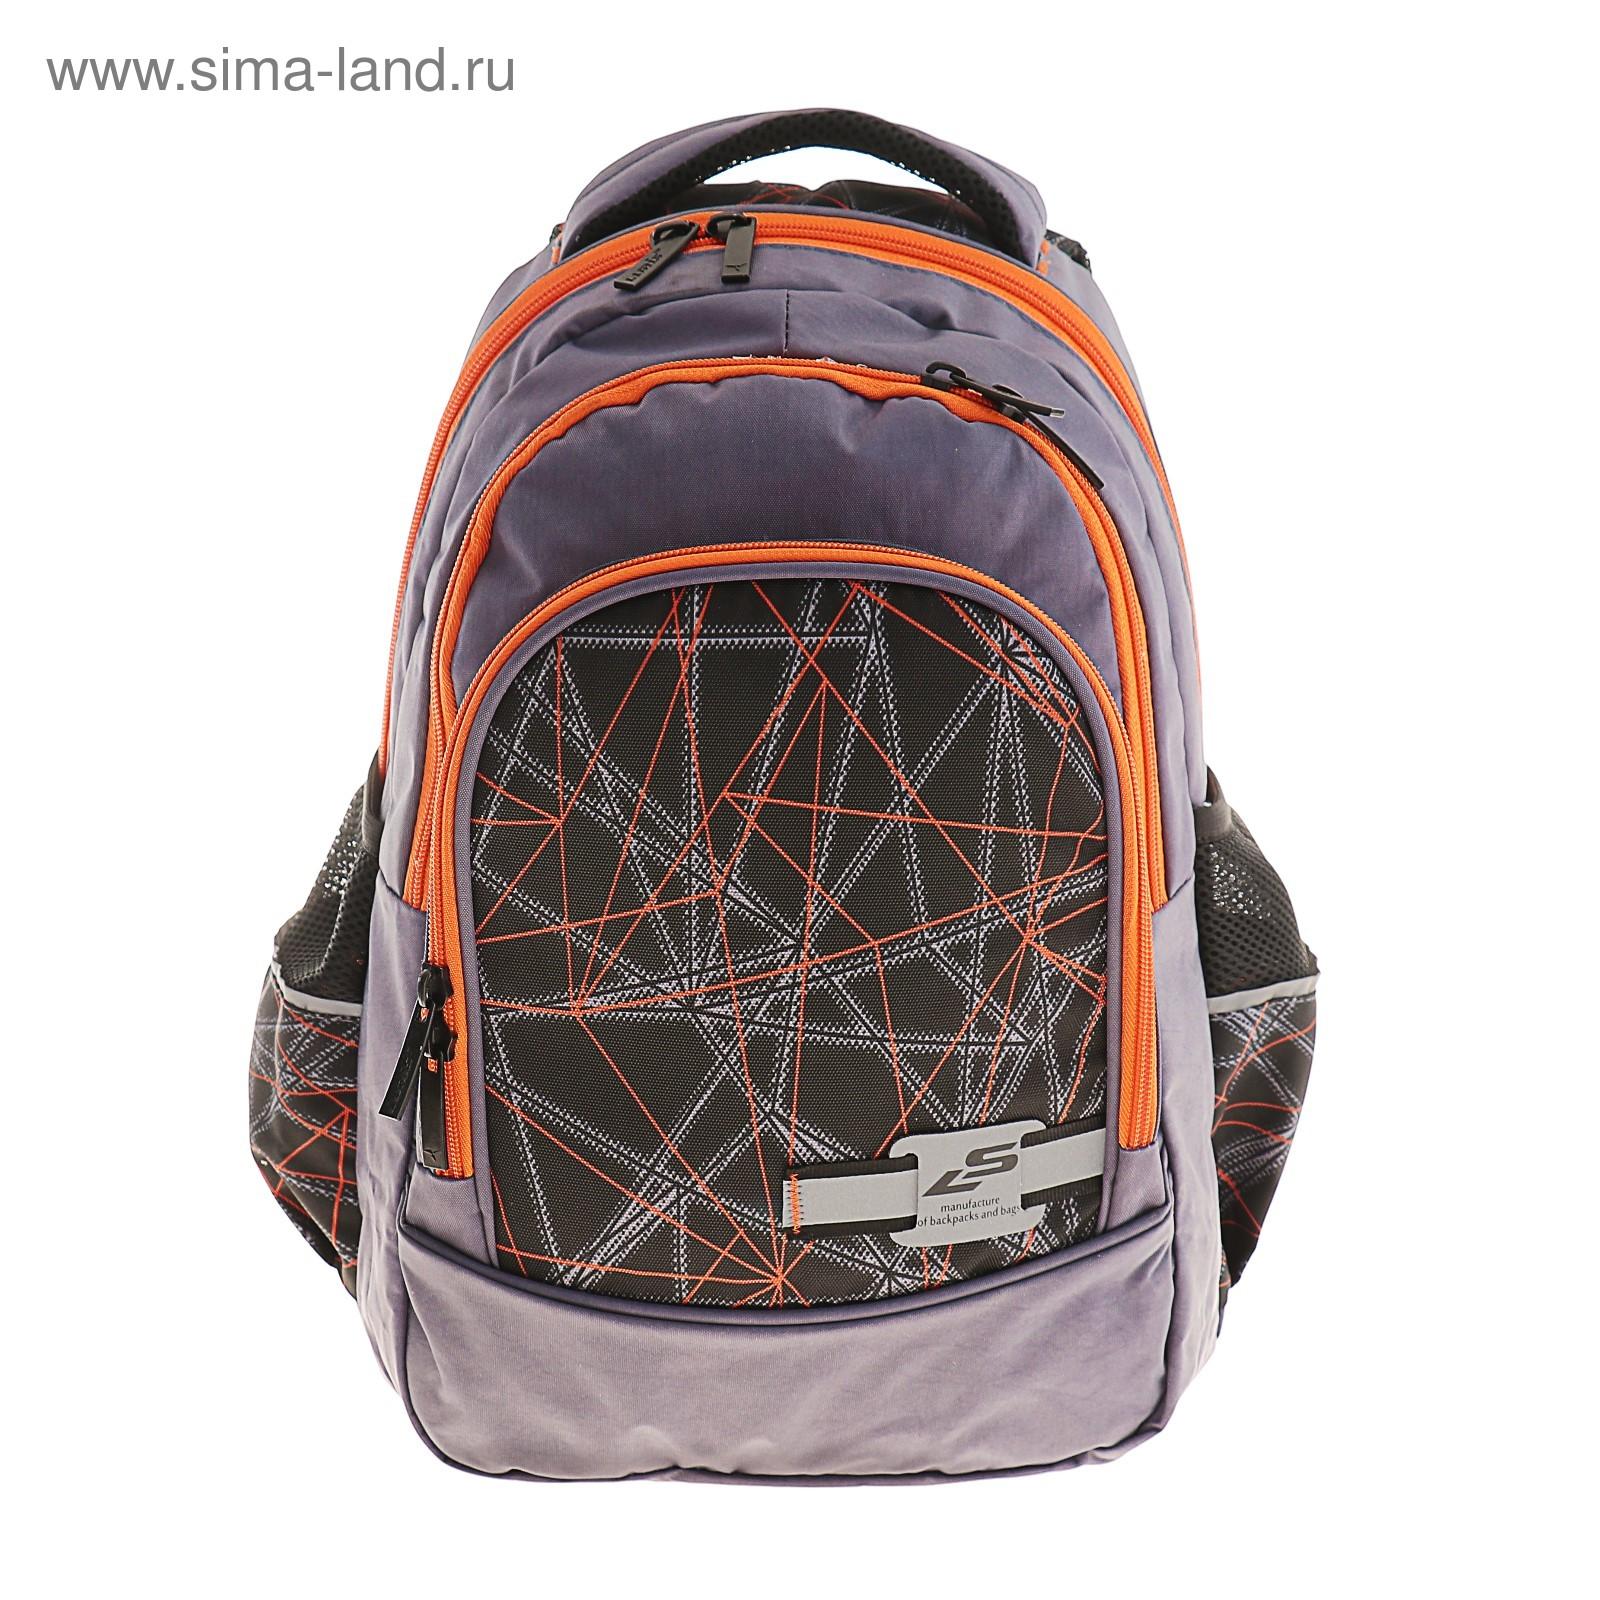 317dff298dc7 Рюкзак школьный с эргономической спинкой Luris Гармония 38x28x18 см для  мальчика, «Абстракция»